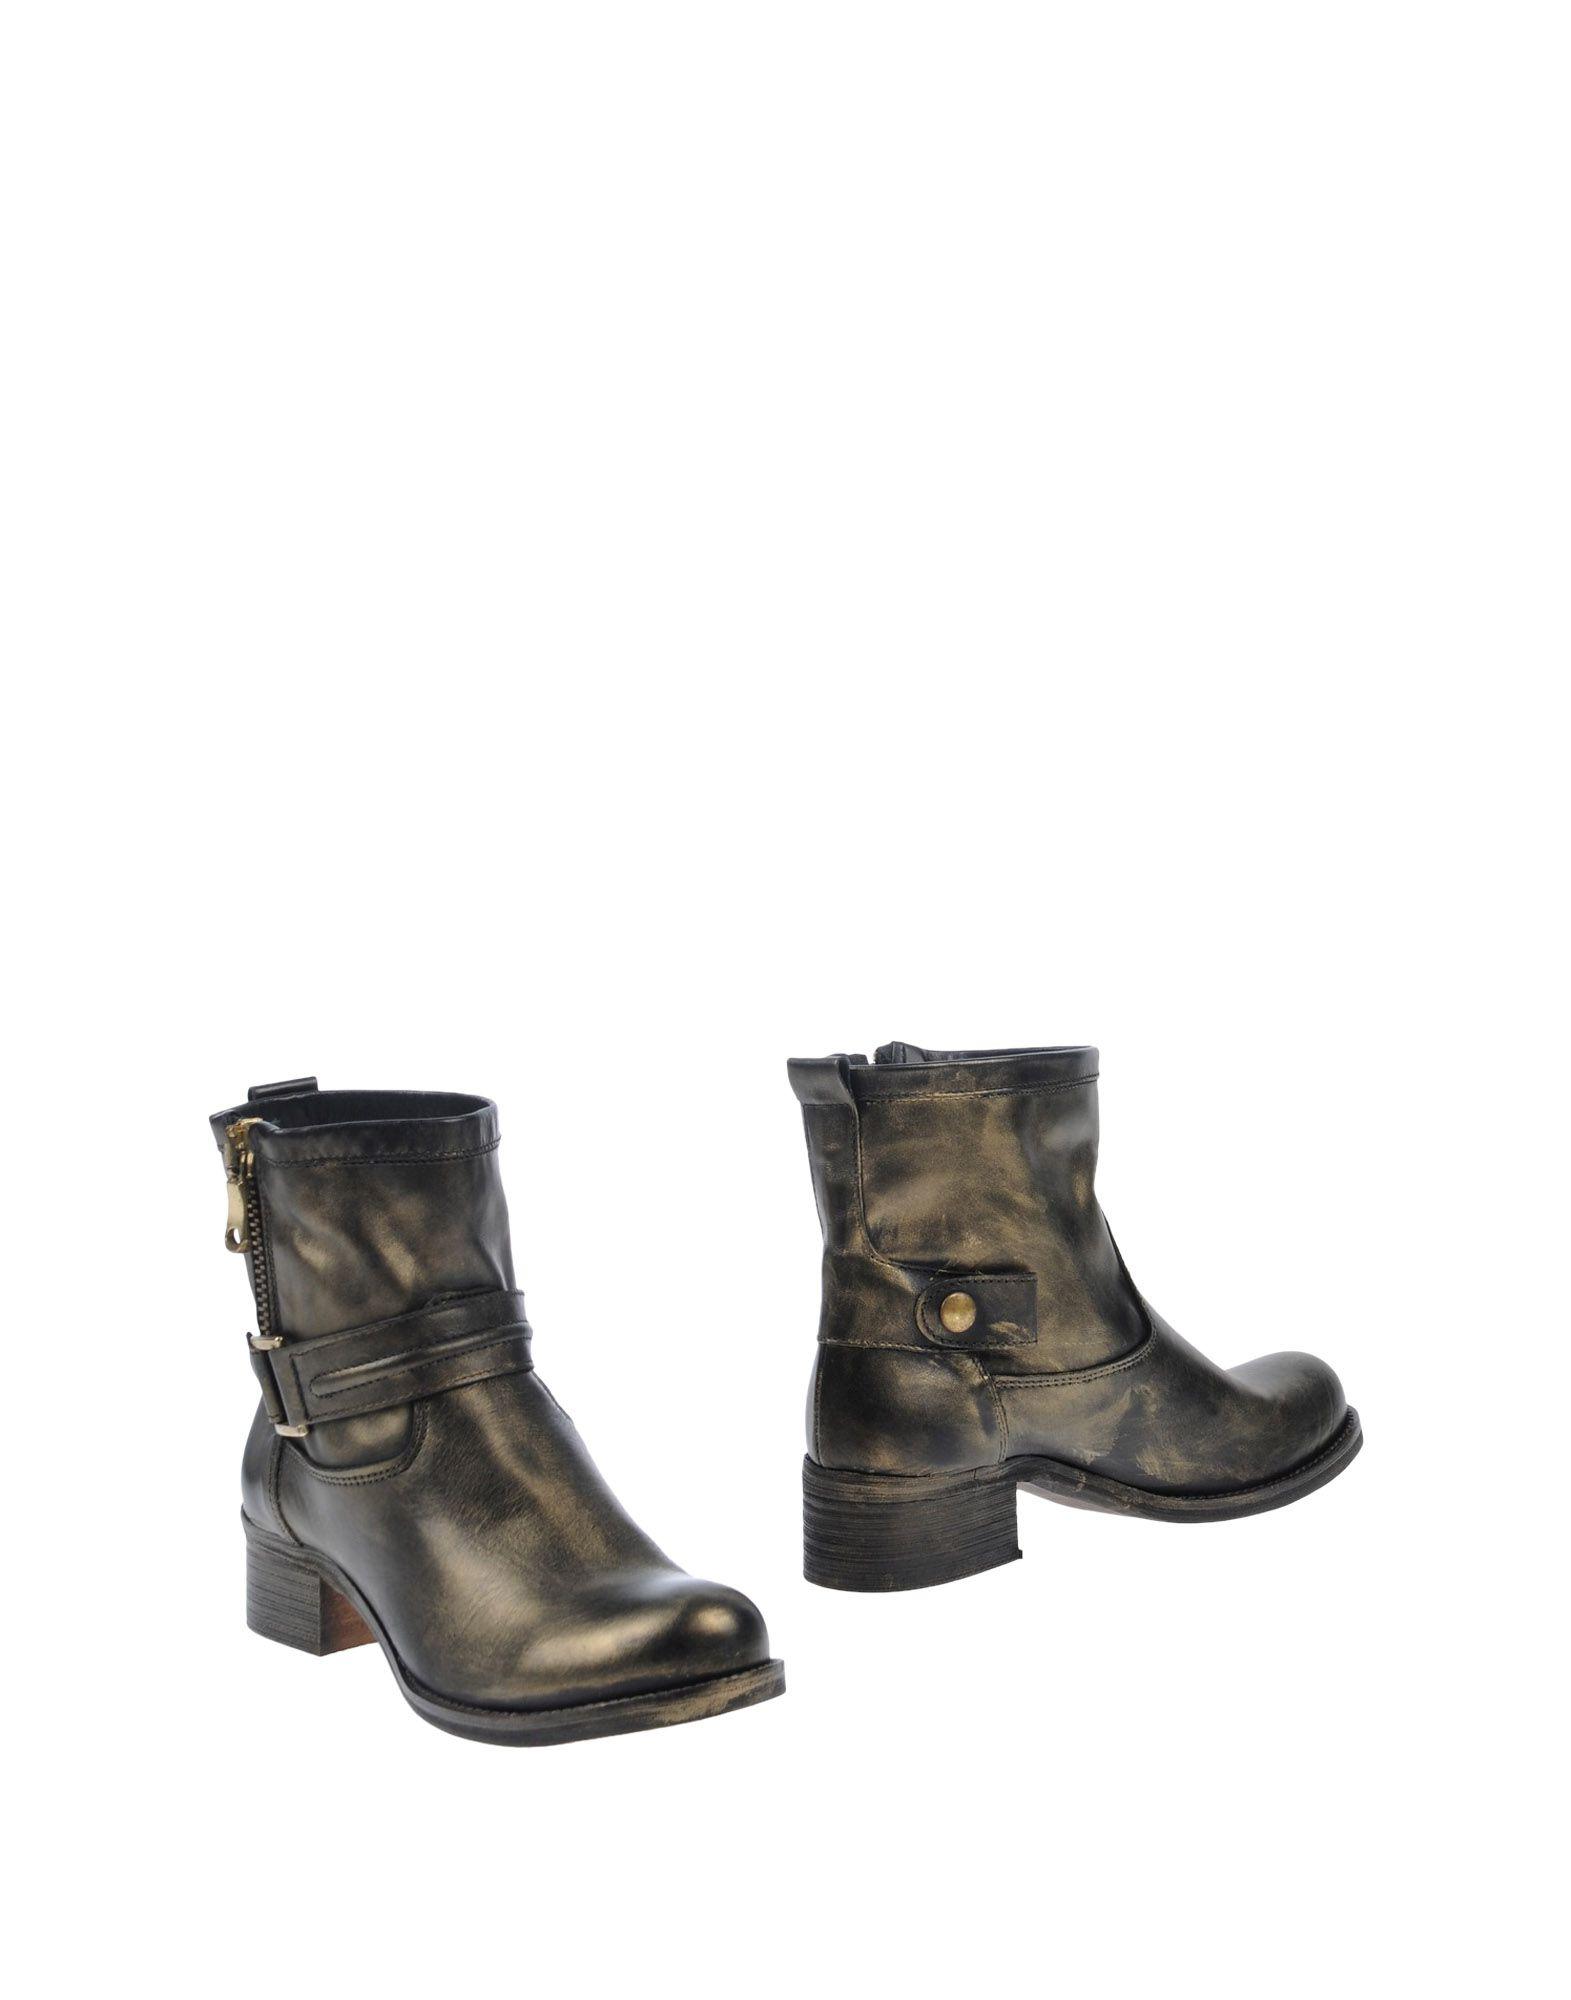 Ovye' By Cristina Lucchi Stiefelette Damen  11487106JS Gute Qualität beliebte Schuhe